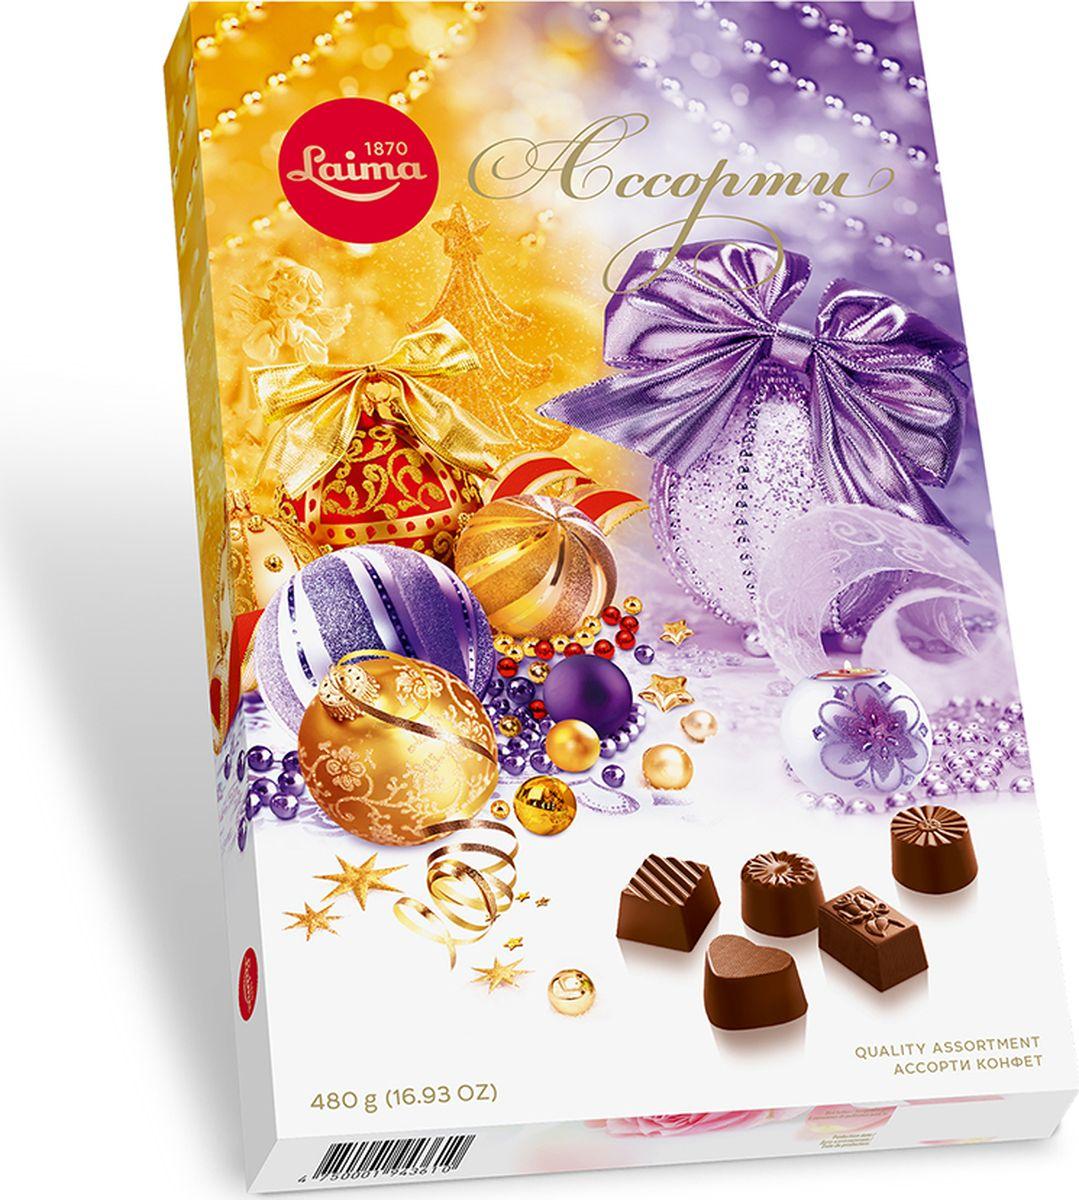 Laima Шары ассорти конфет, 480 гP140208244Конфеты 5 разных форм и с 3-мя начинками: молочная помадка, фруктовое желе, крем-какао. В коробке европейского дизайна.